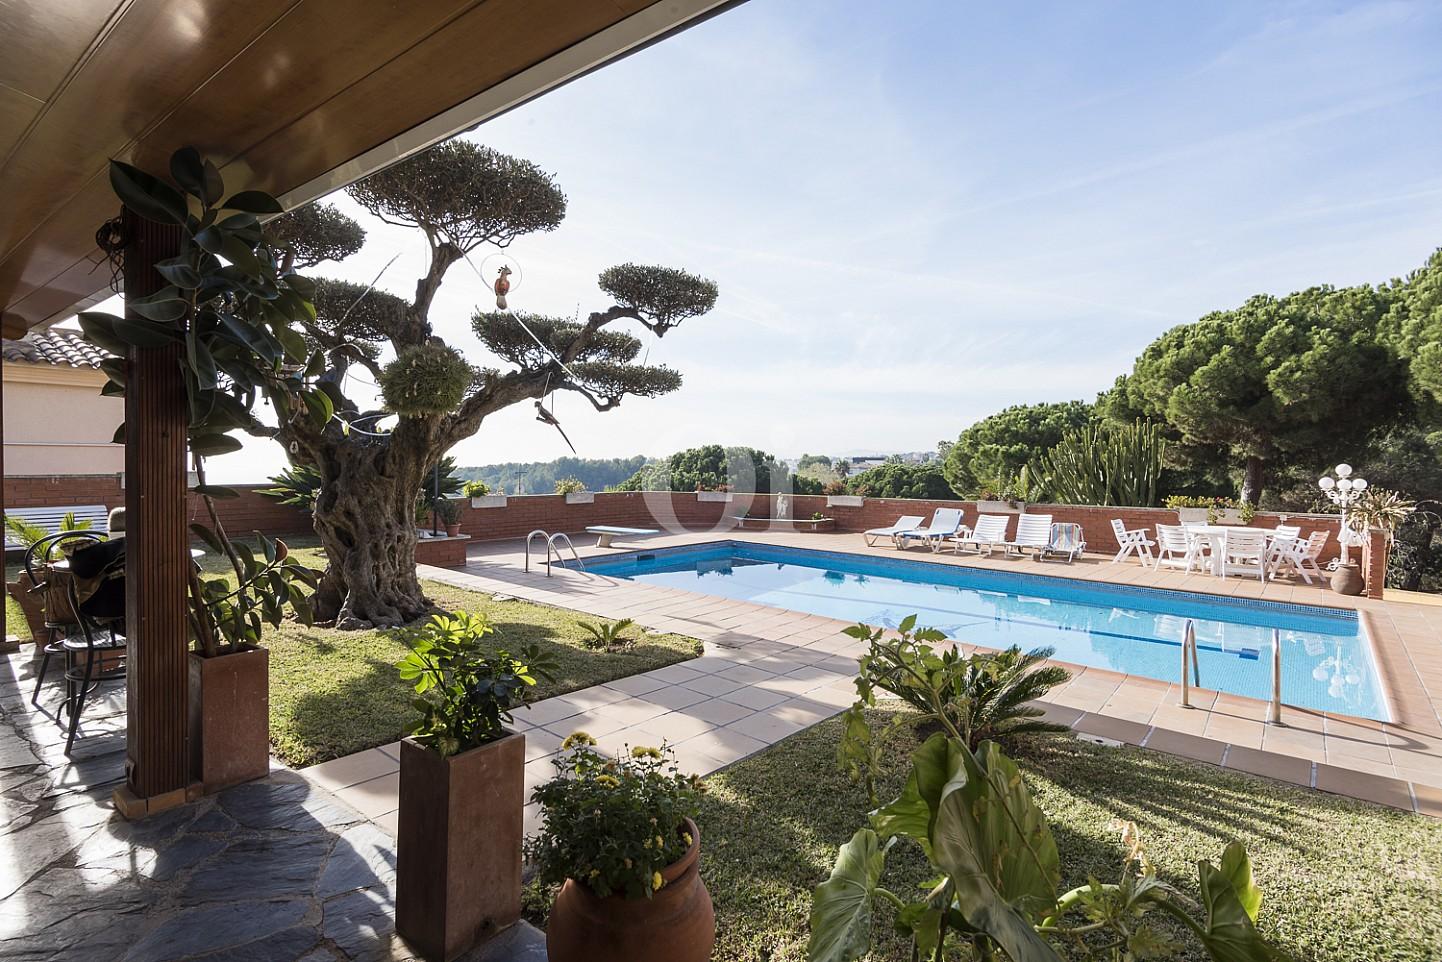 Gran piscina exterior rodejada per un jardí amb arbres fruitals